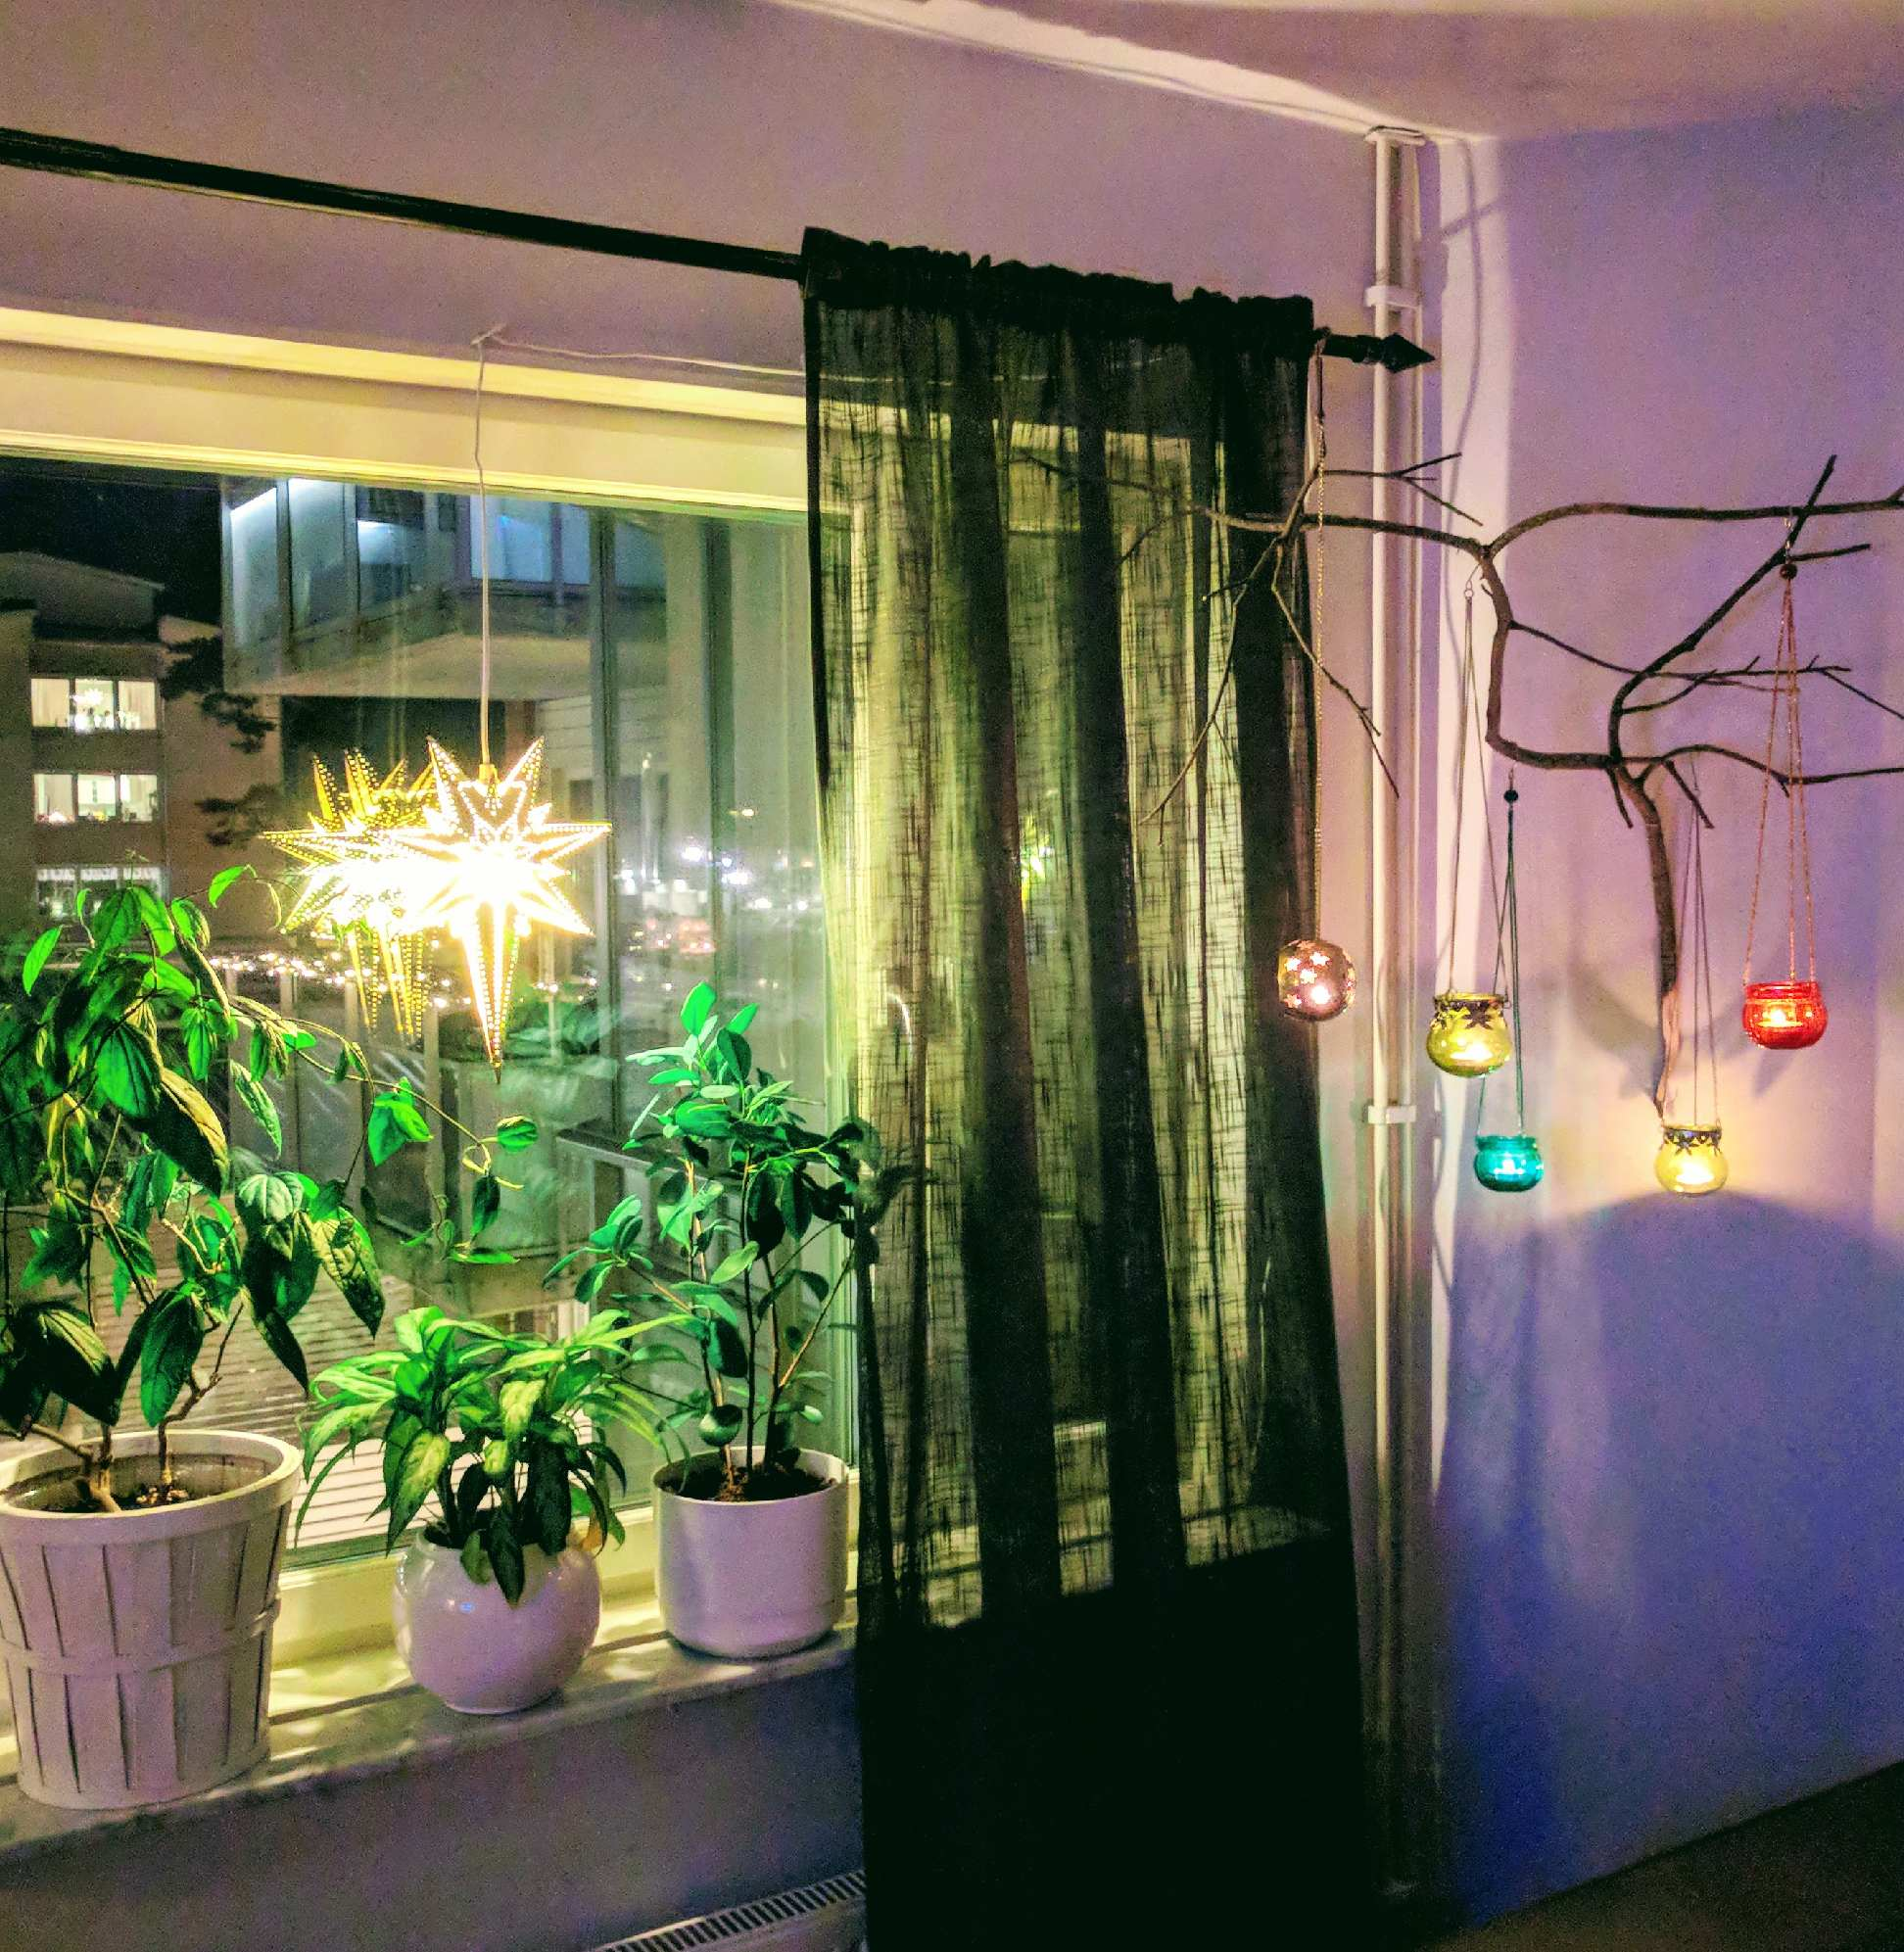 Fönster nummer två åtgärdat och julsäkrat